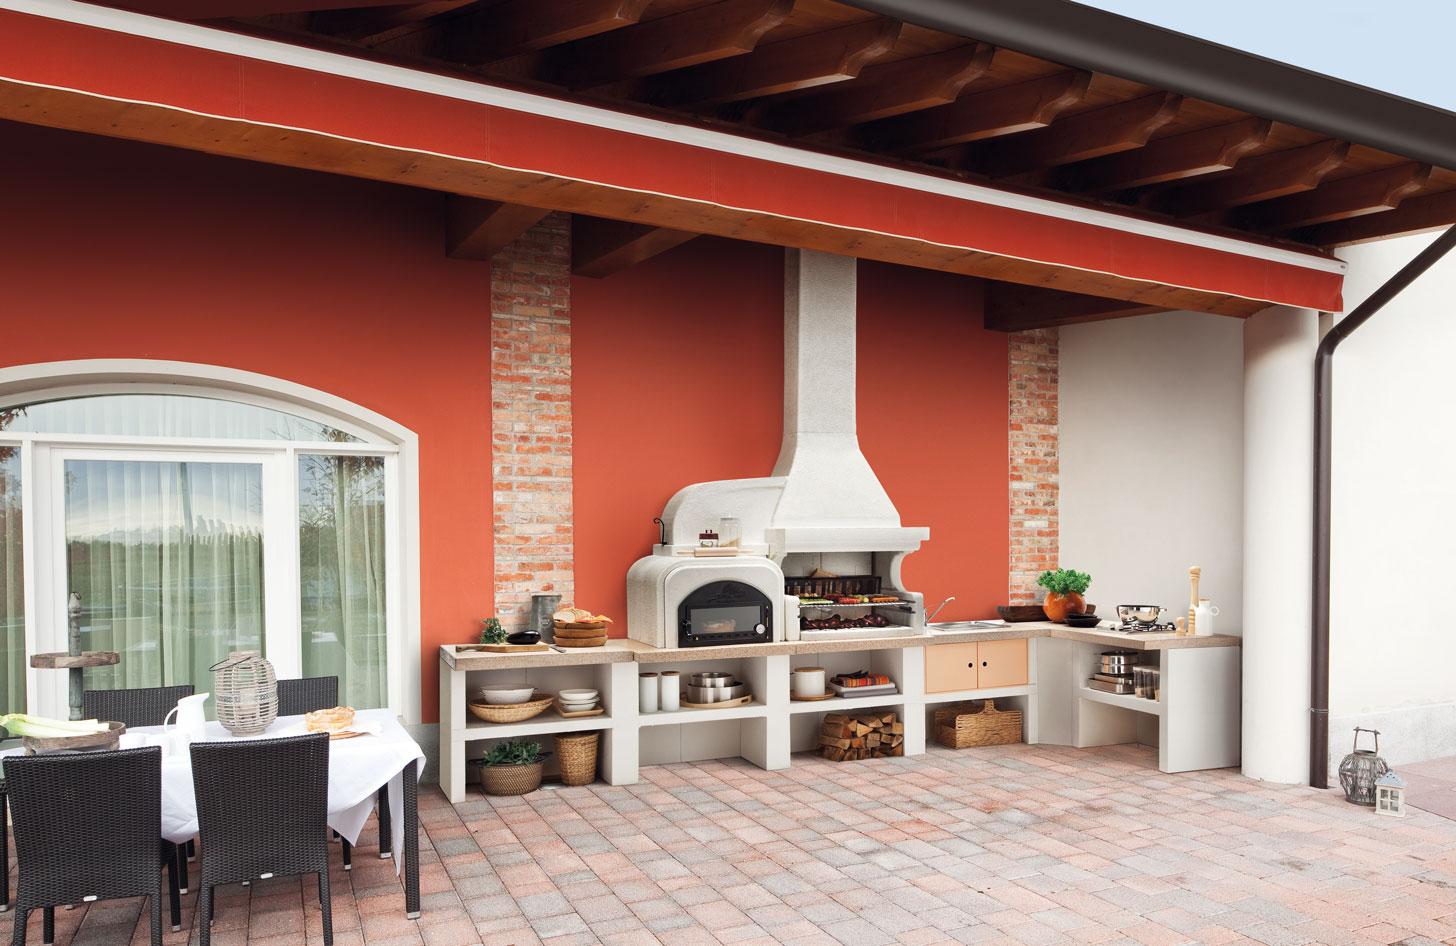 Cucine da esterno piani cottura barbecue e arredi per for Piani di hot house